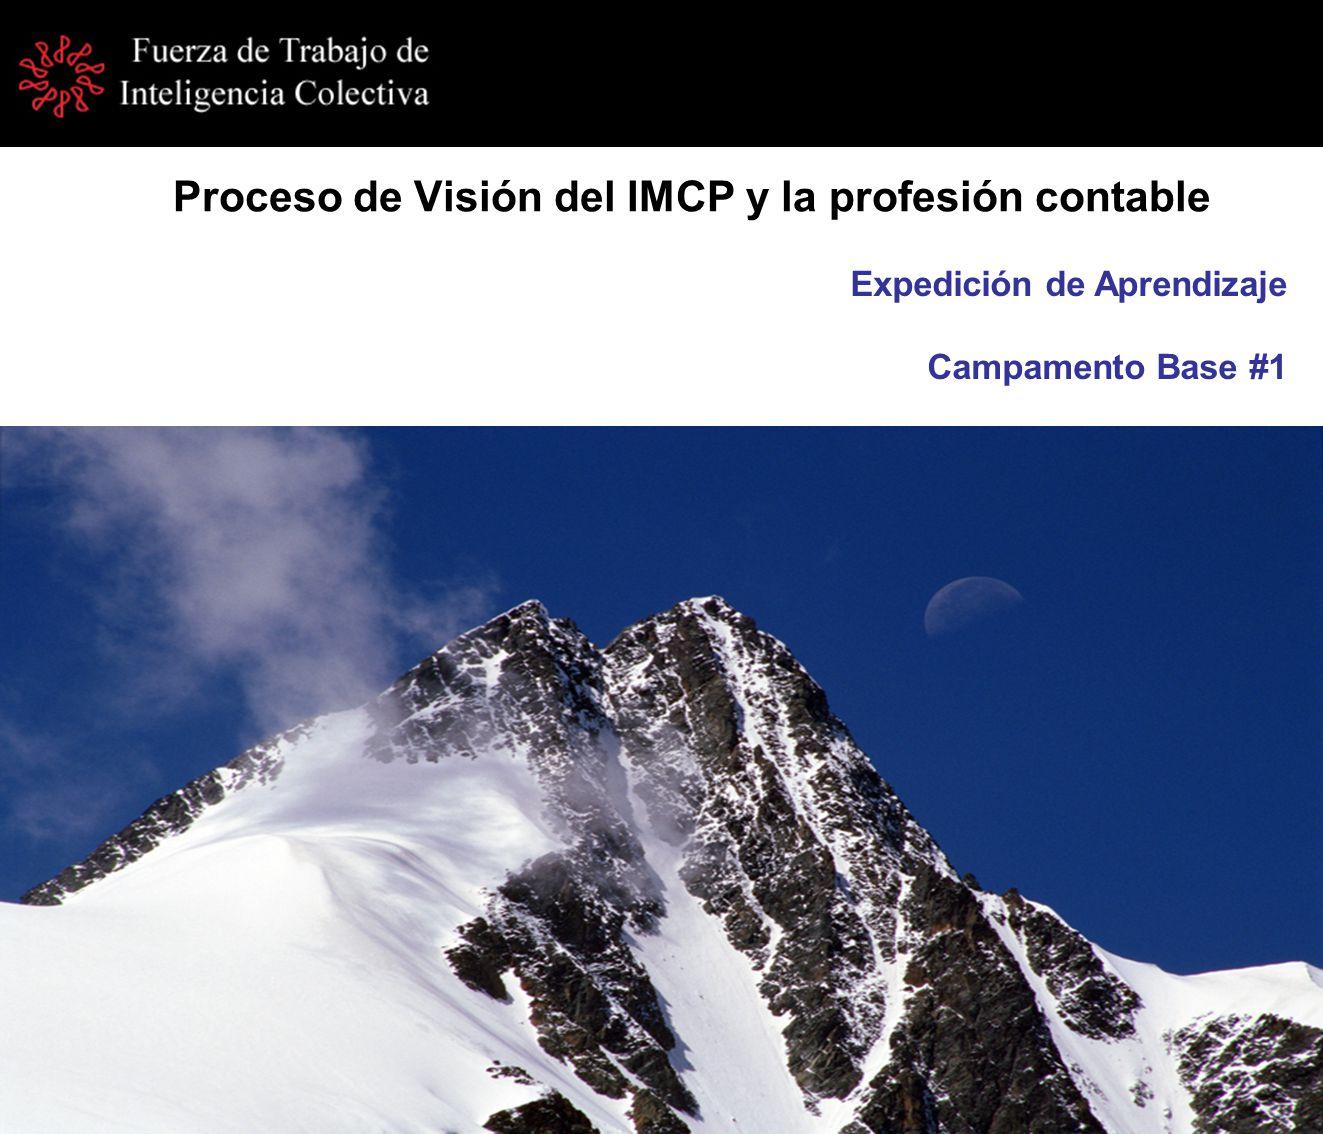 Proceso de Visión del IMCP y la profesión contable Expedición de Aprendizaje Campamento Base #1